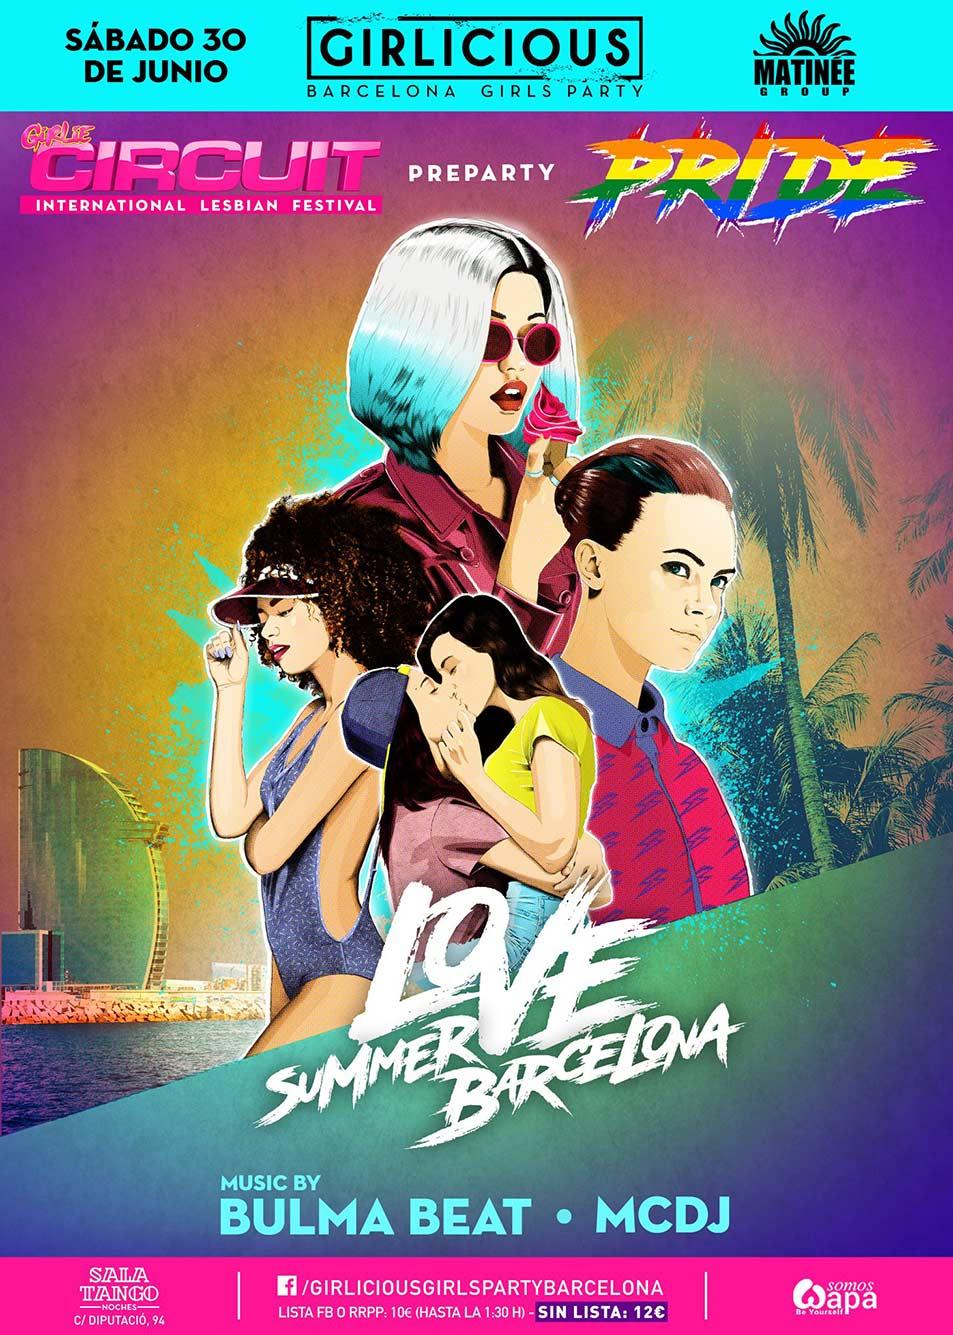 girliecircuit-party-lesbian-barcelona-junio